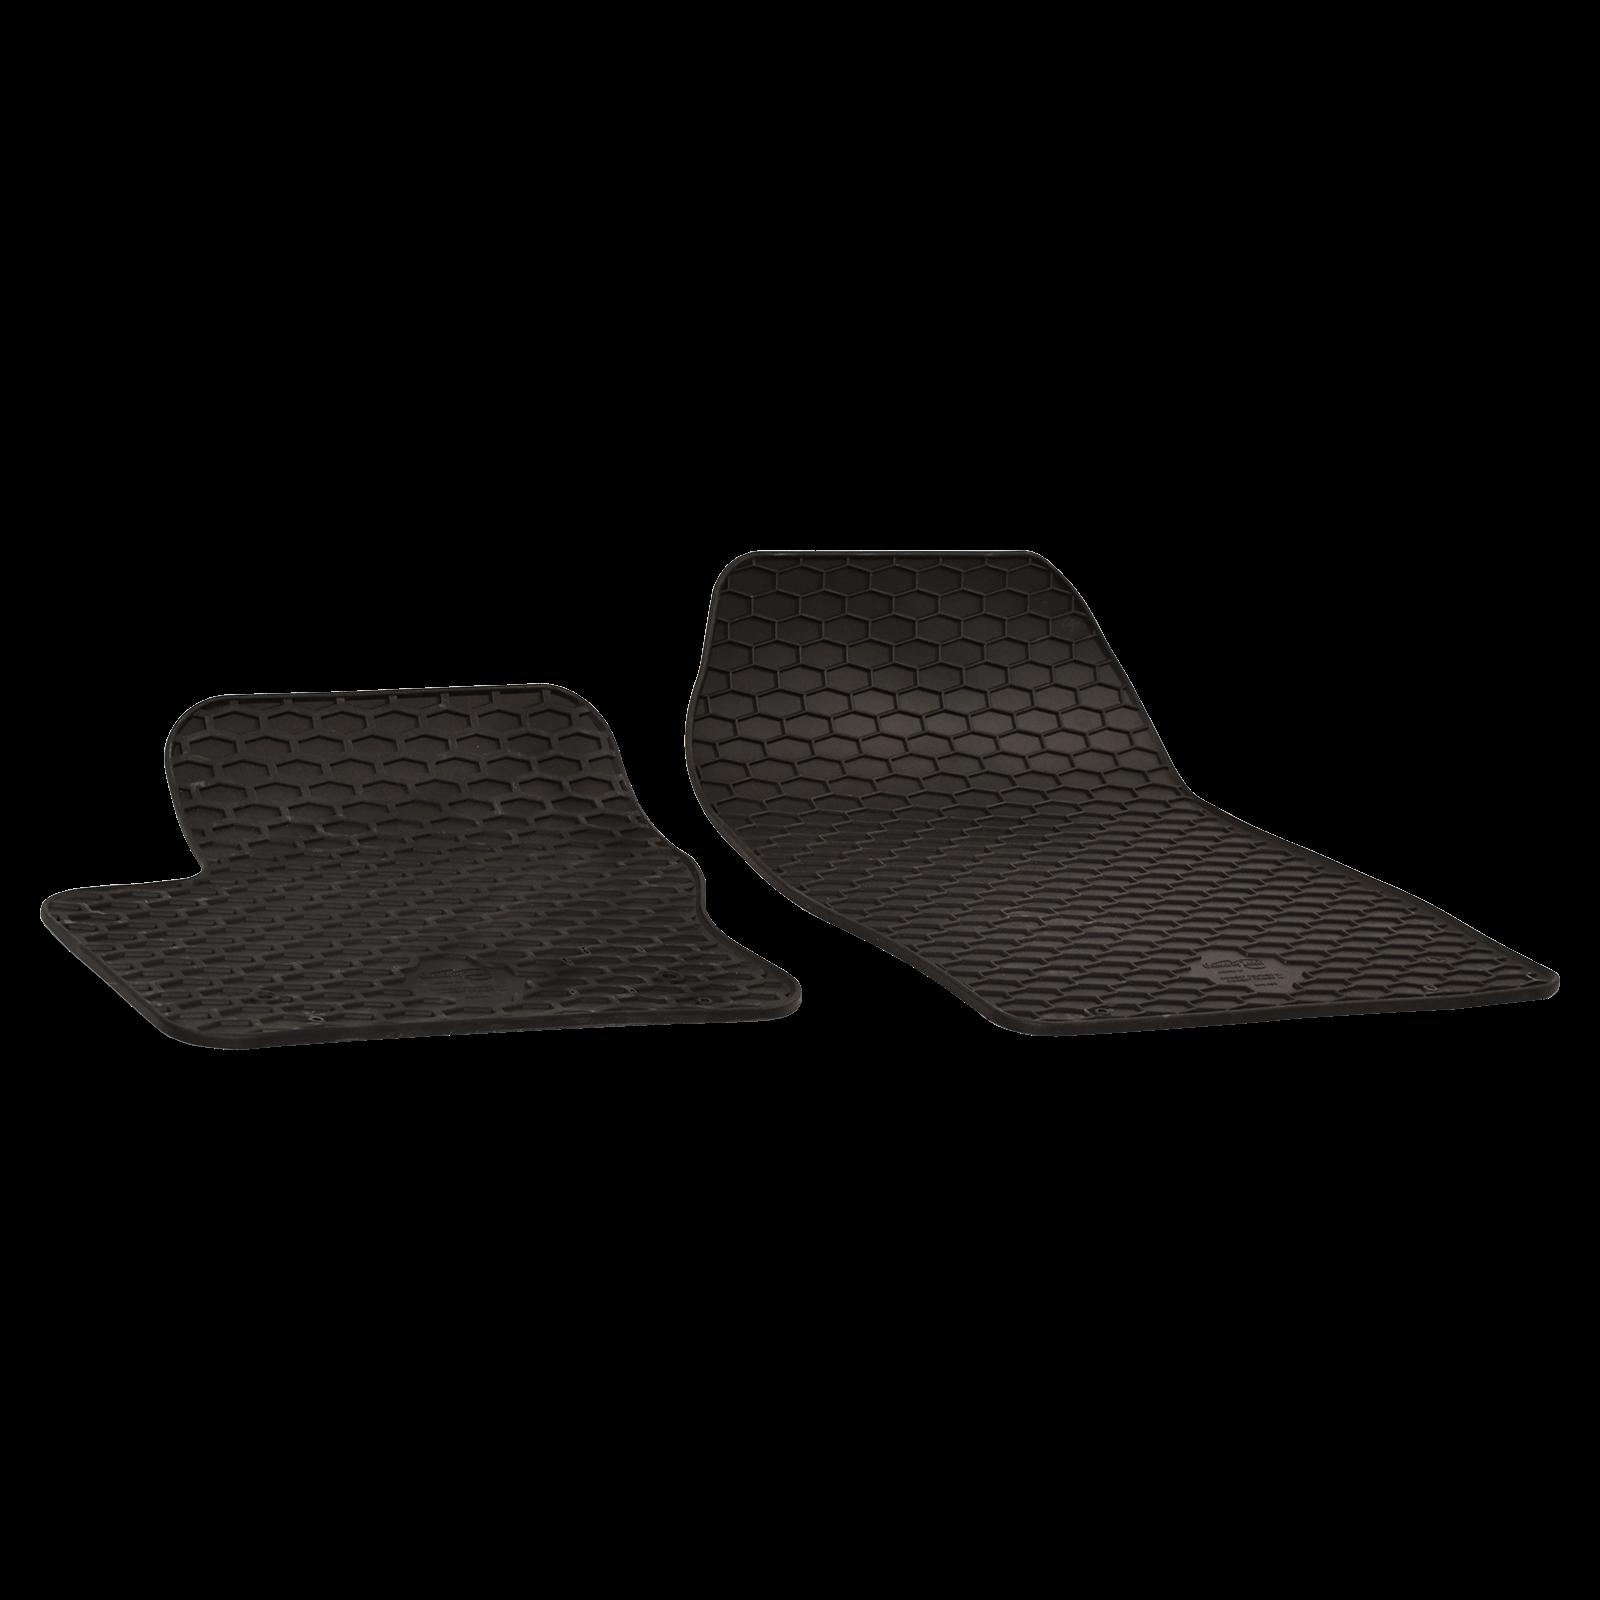 tapis de sol en caoutchouc noir pour ford tourneo connect grand tourneo connect kombi bj 09 13